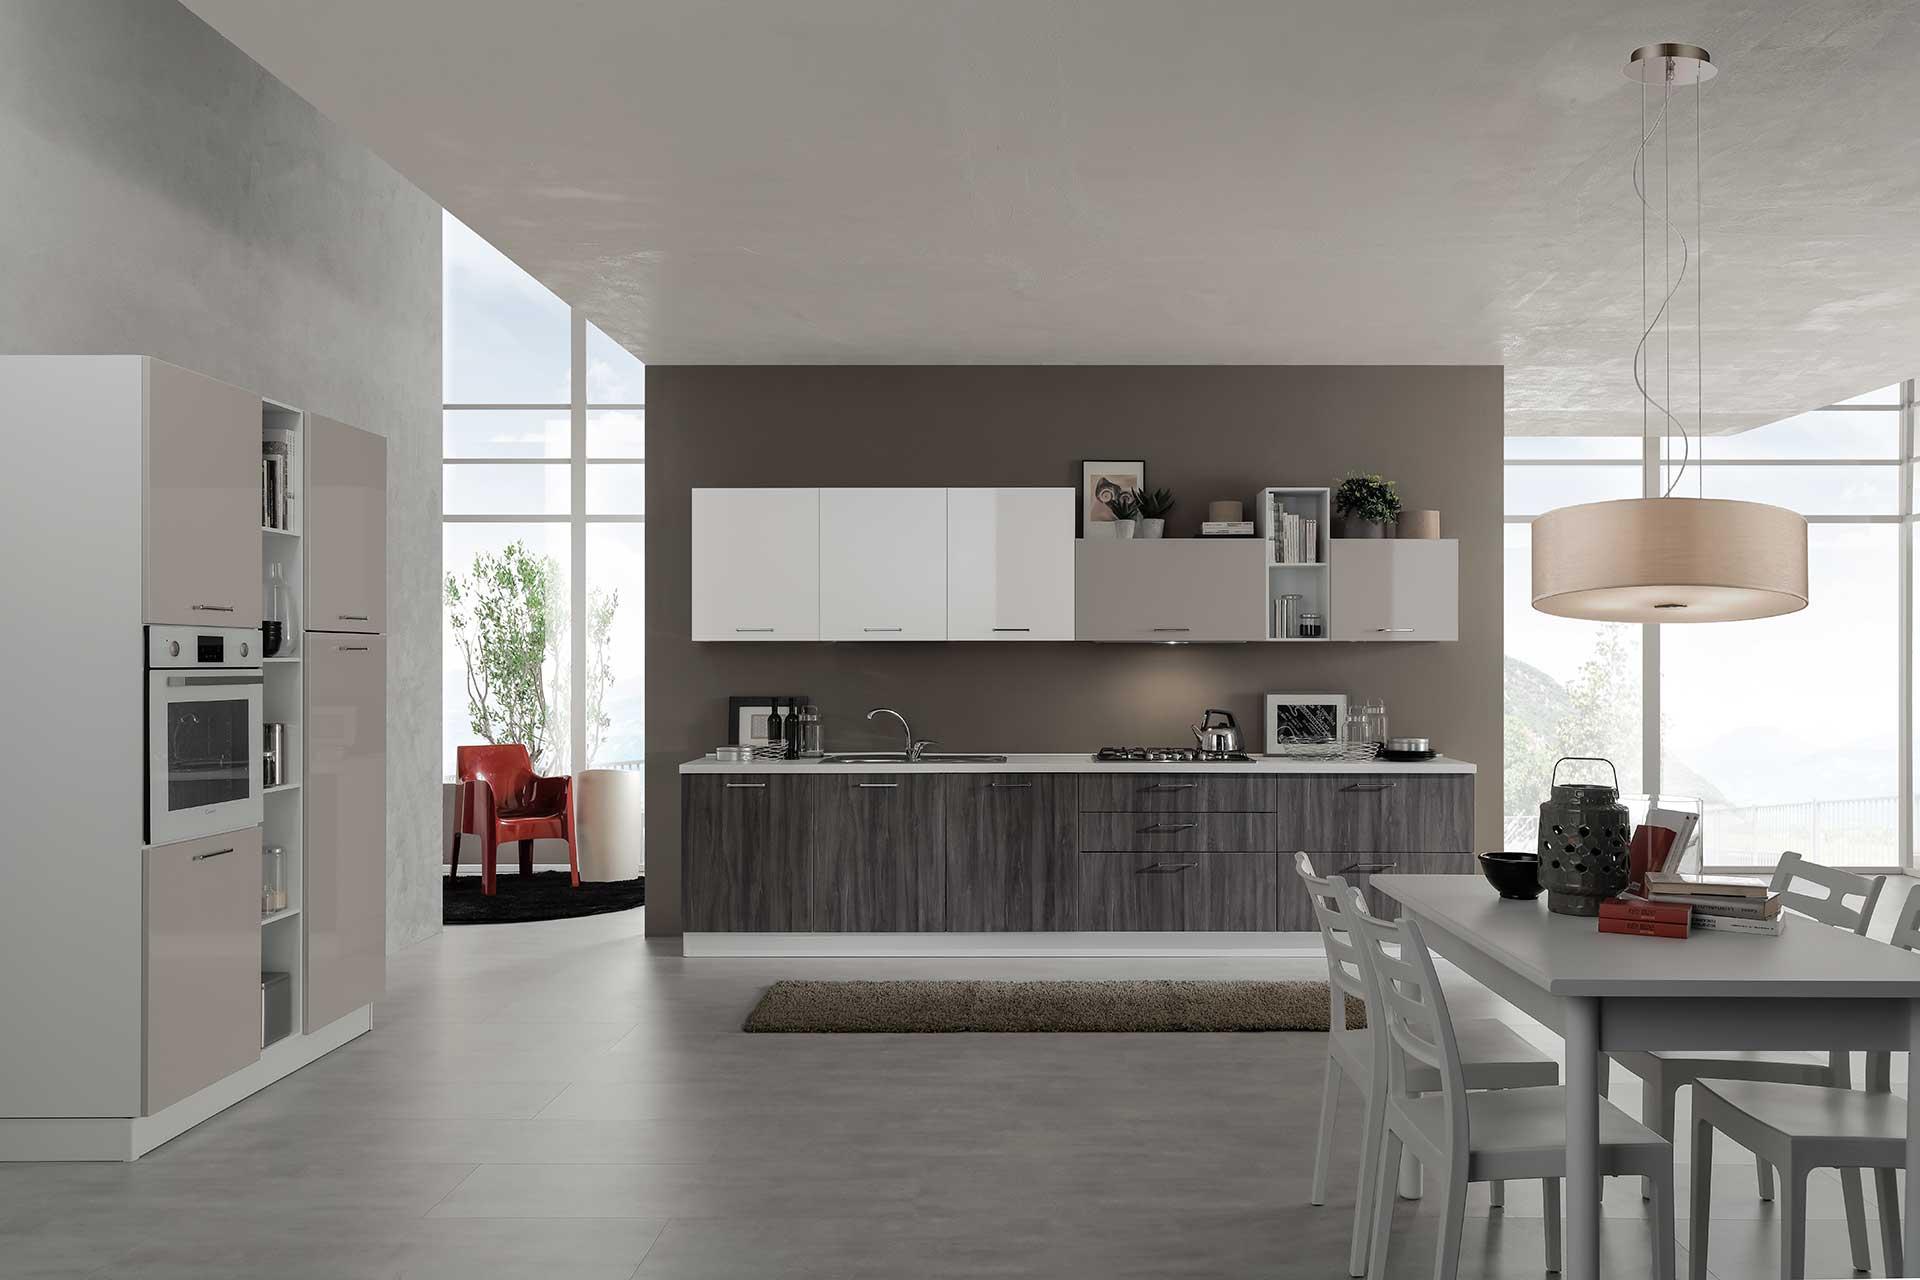 Produzione cucine con uno stile semplice ed essenziale - NETCUCINE